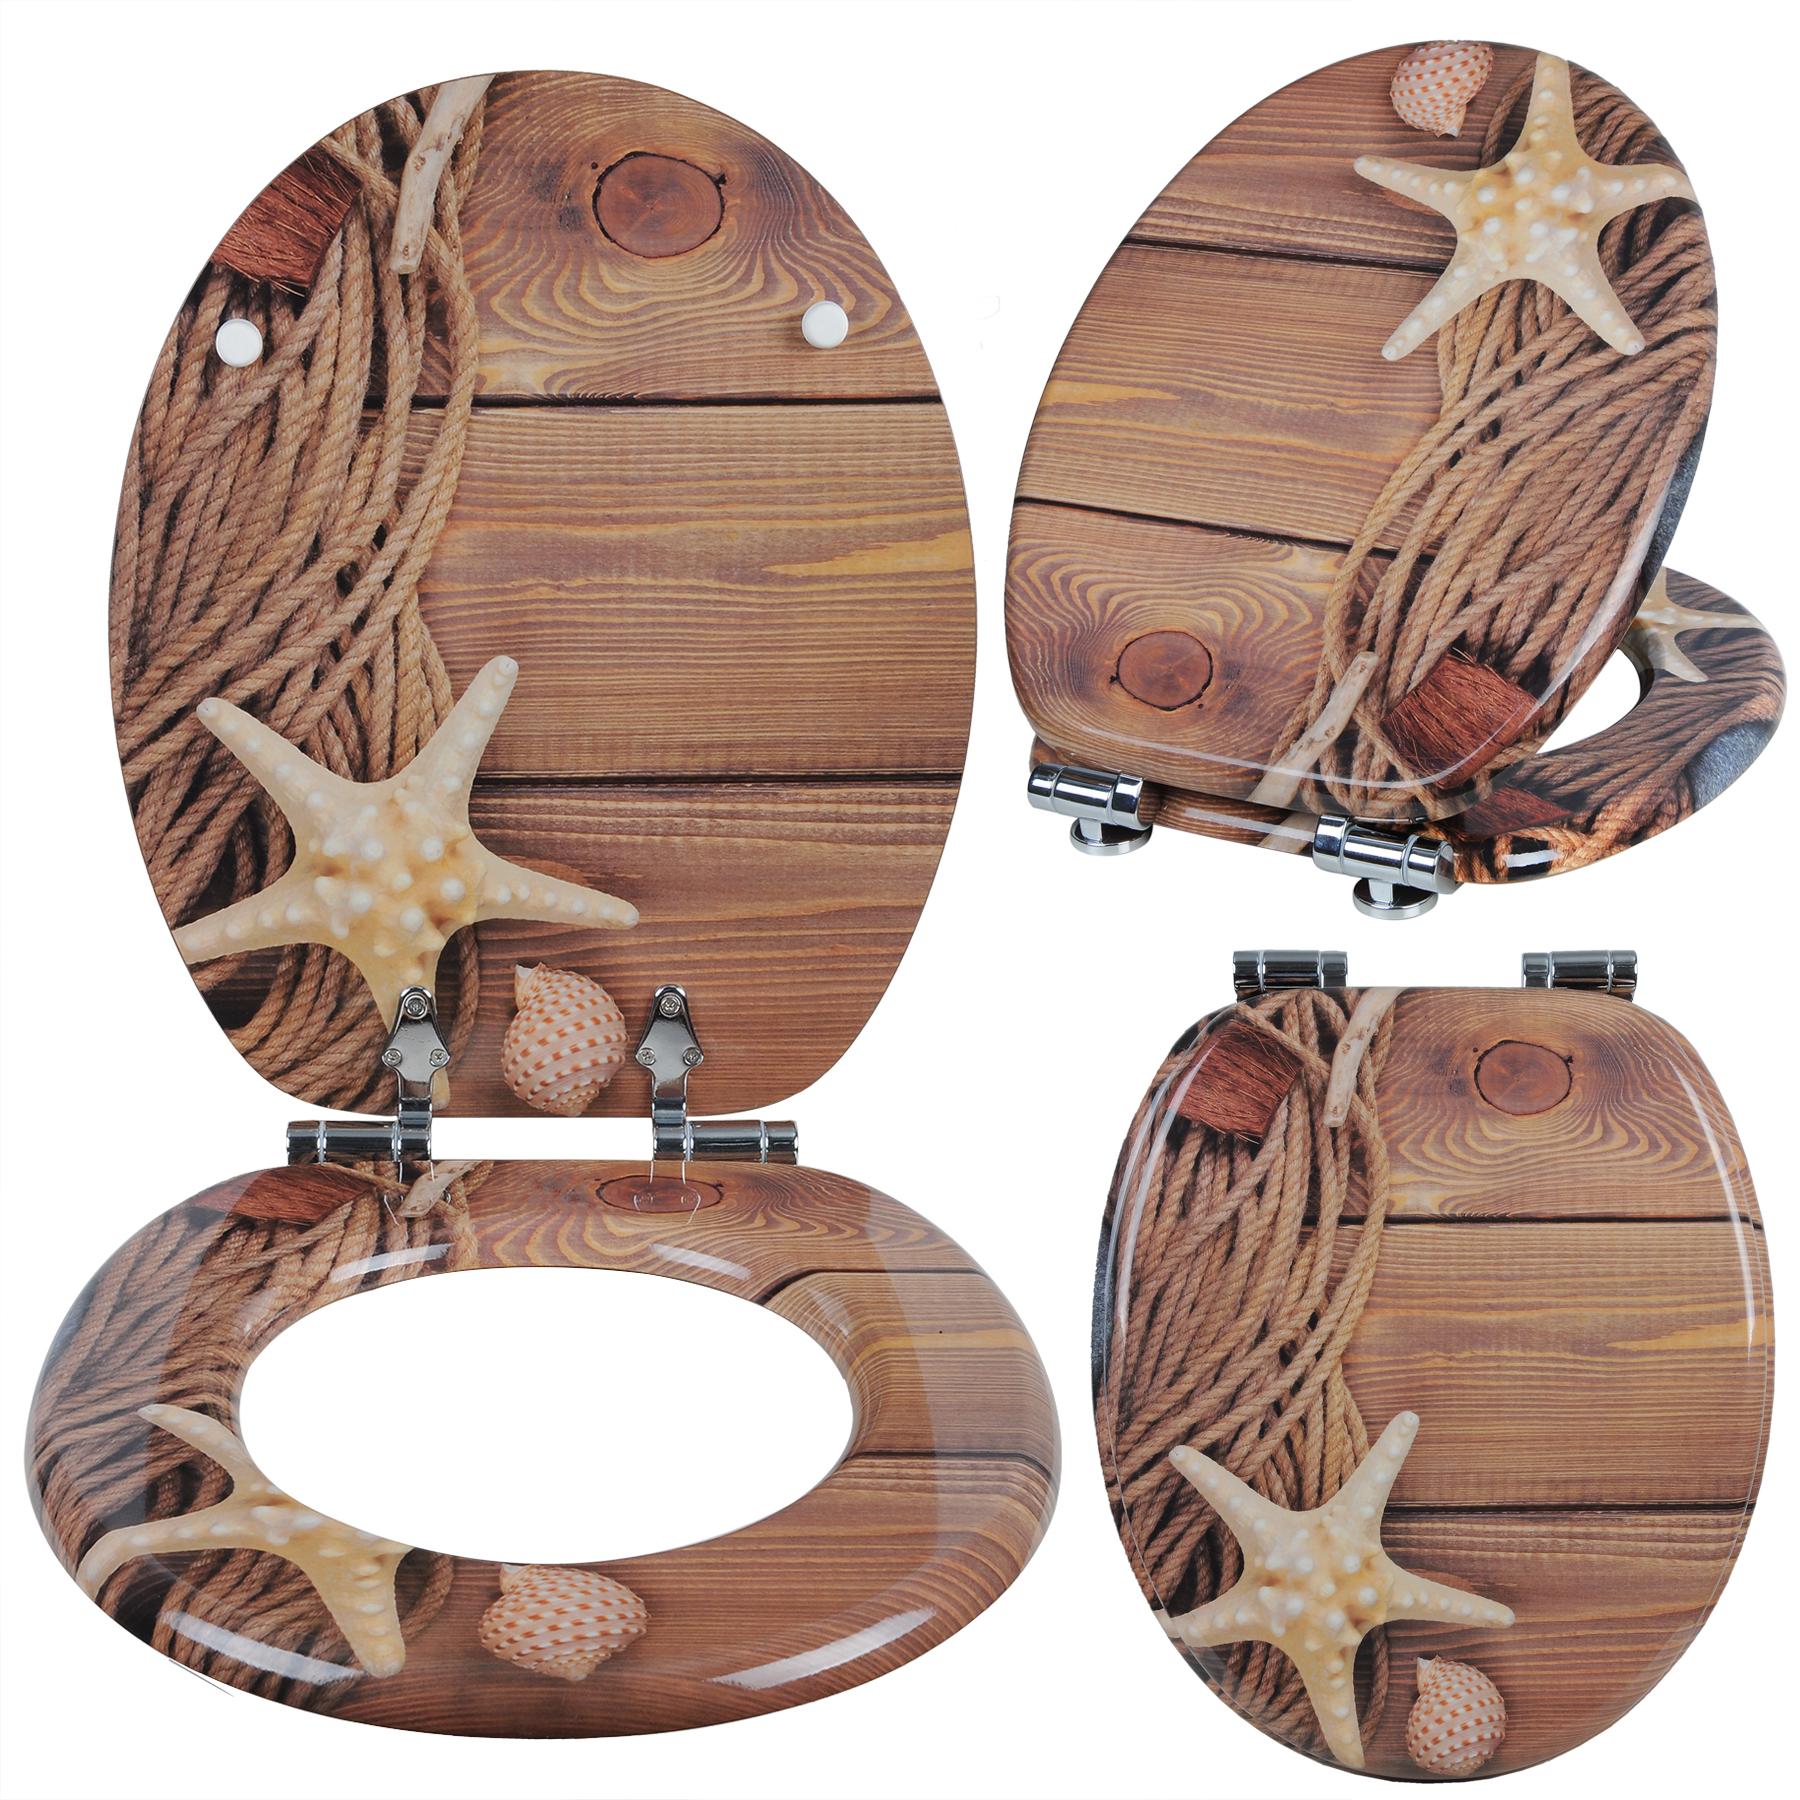 wc sitz toilettensitz klodeckel toilettendeckel mdf duroplast deckel brille 339. Black Bedroom Furniture Sets. Home Design Ideas